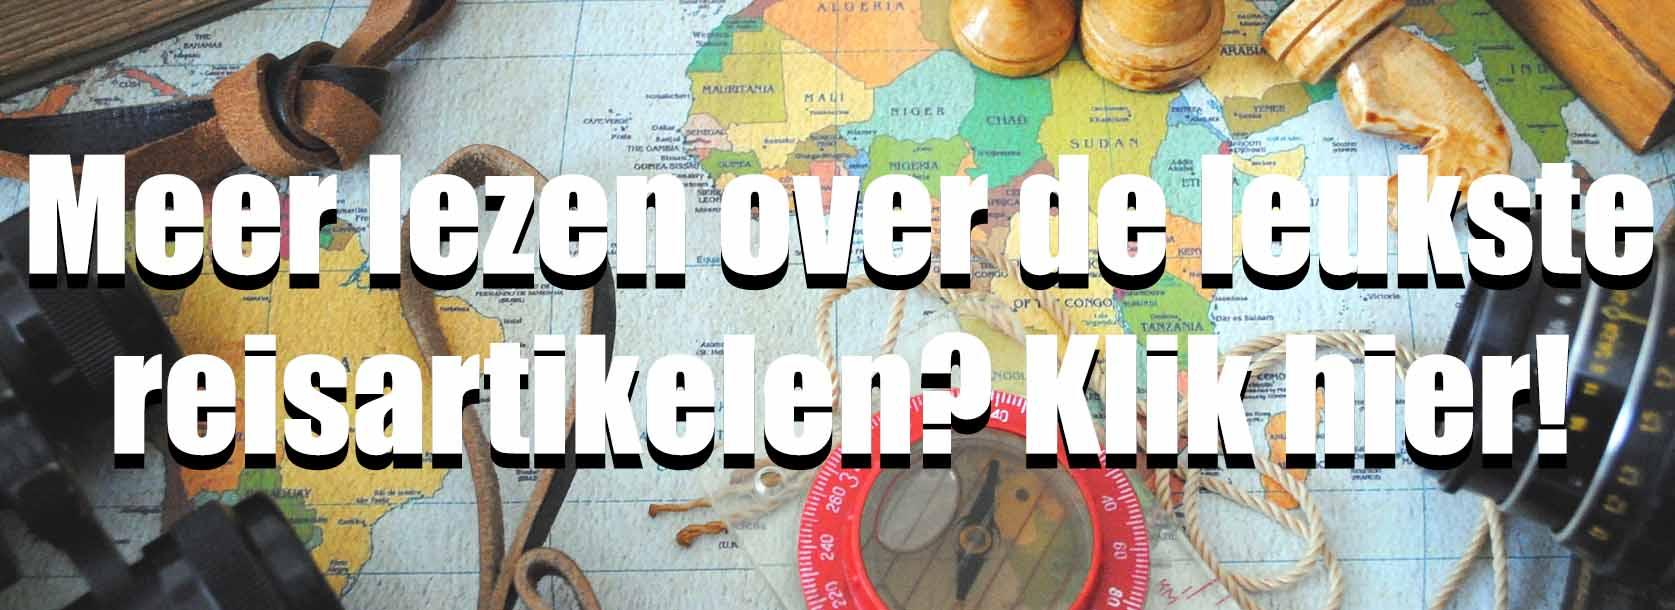 Alle artikelen over reisartikelen, reisgadgets, souvenirs